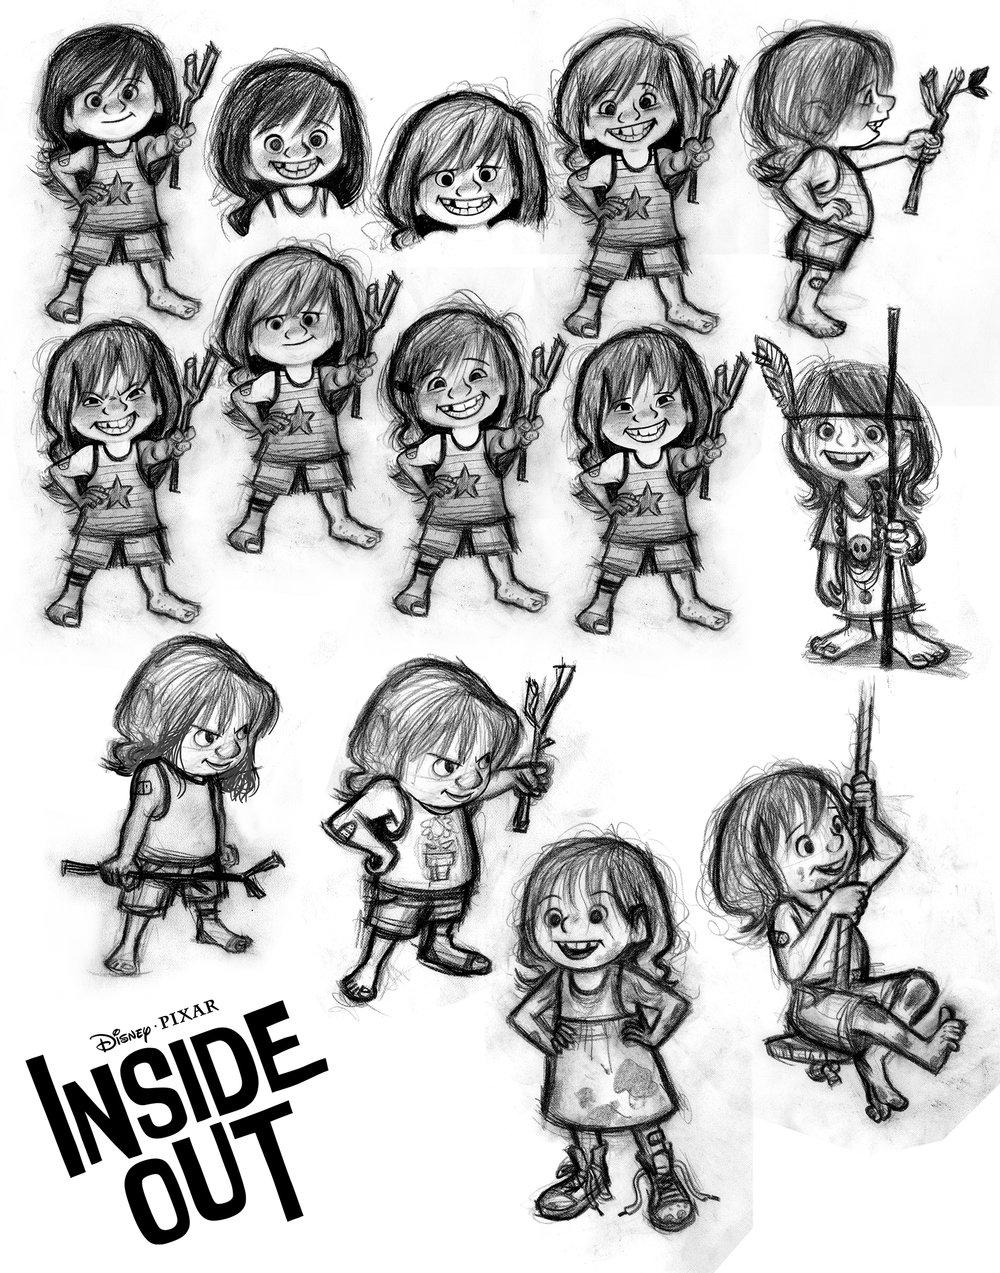 InsideOut02.jpg